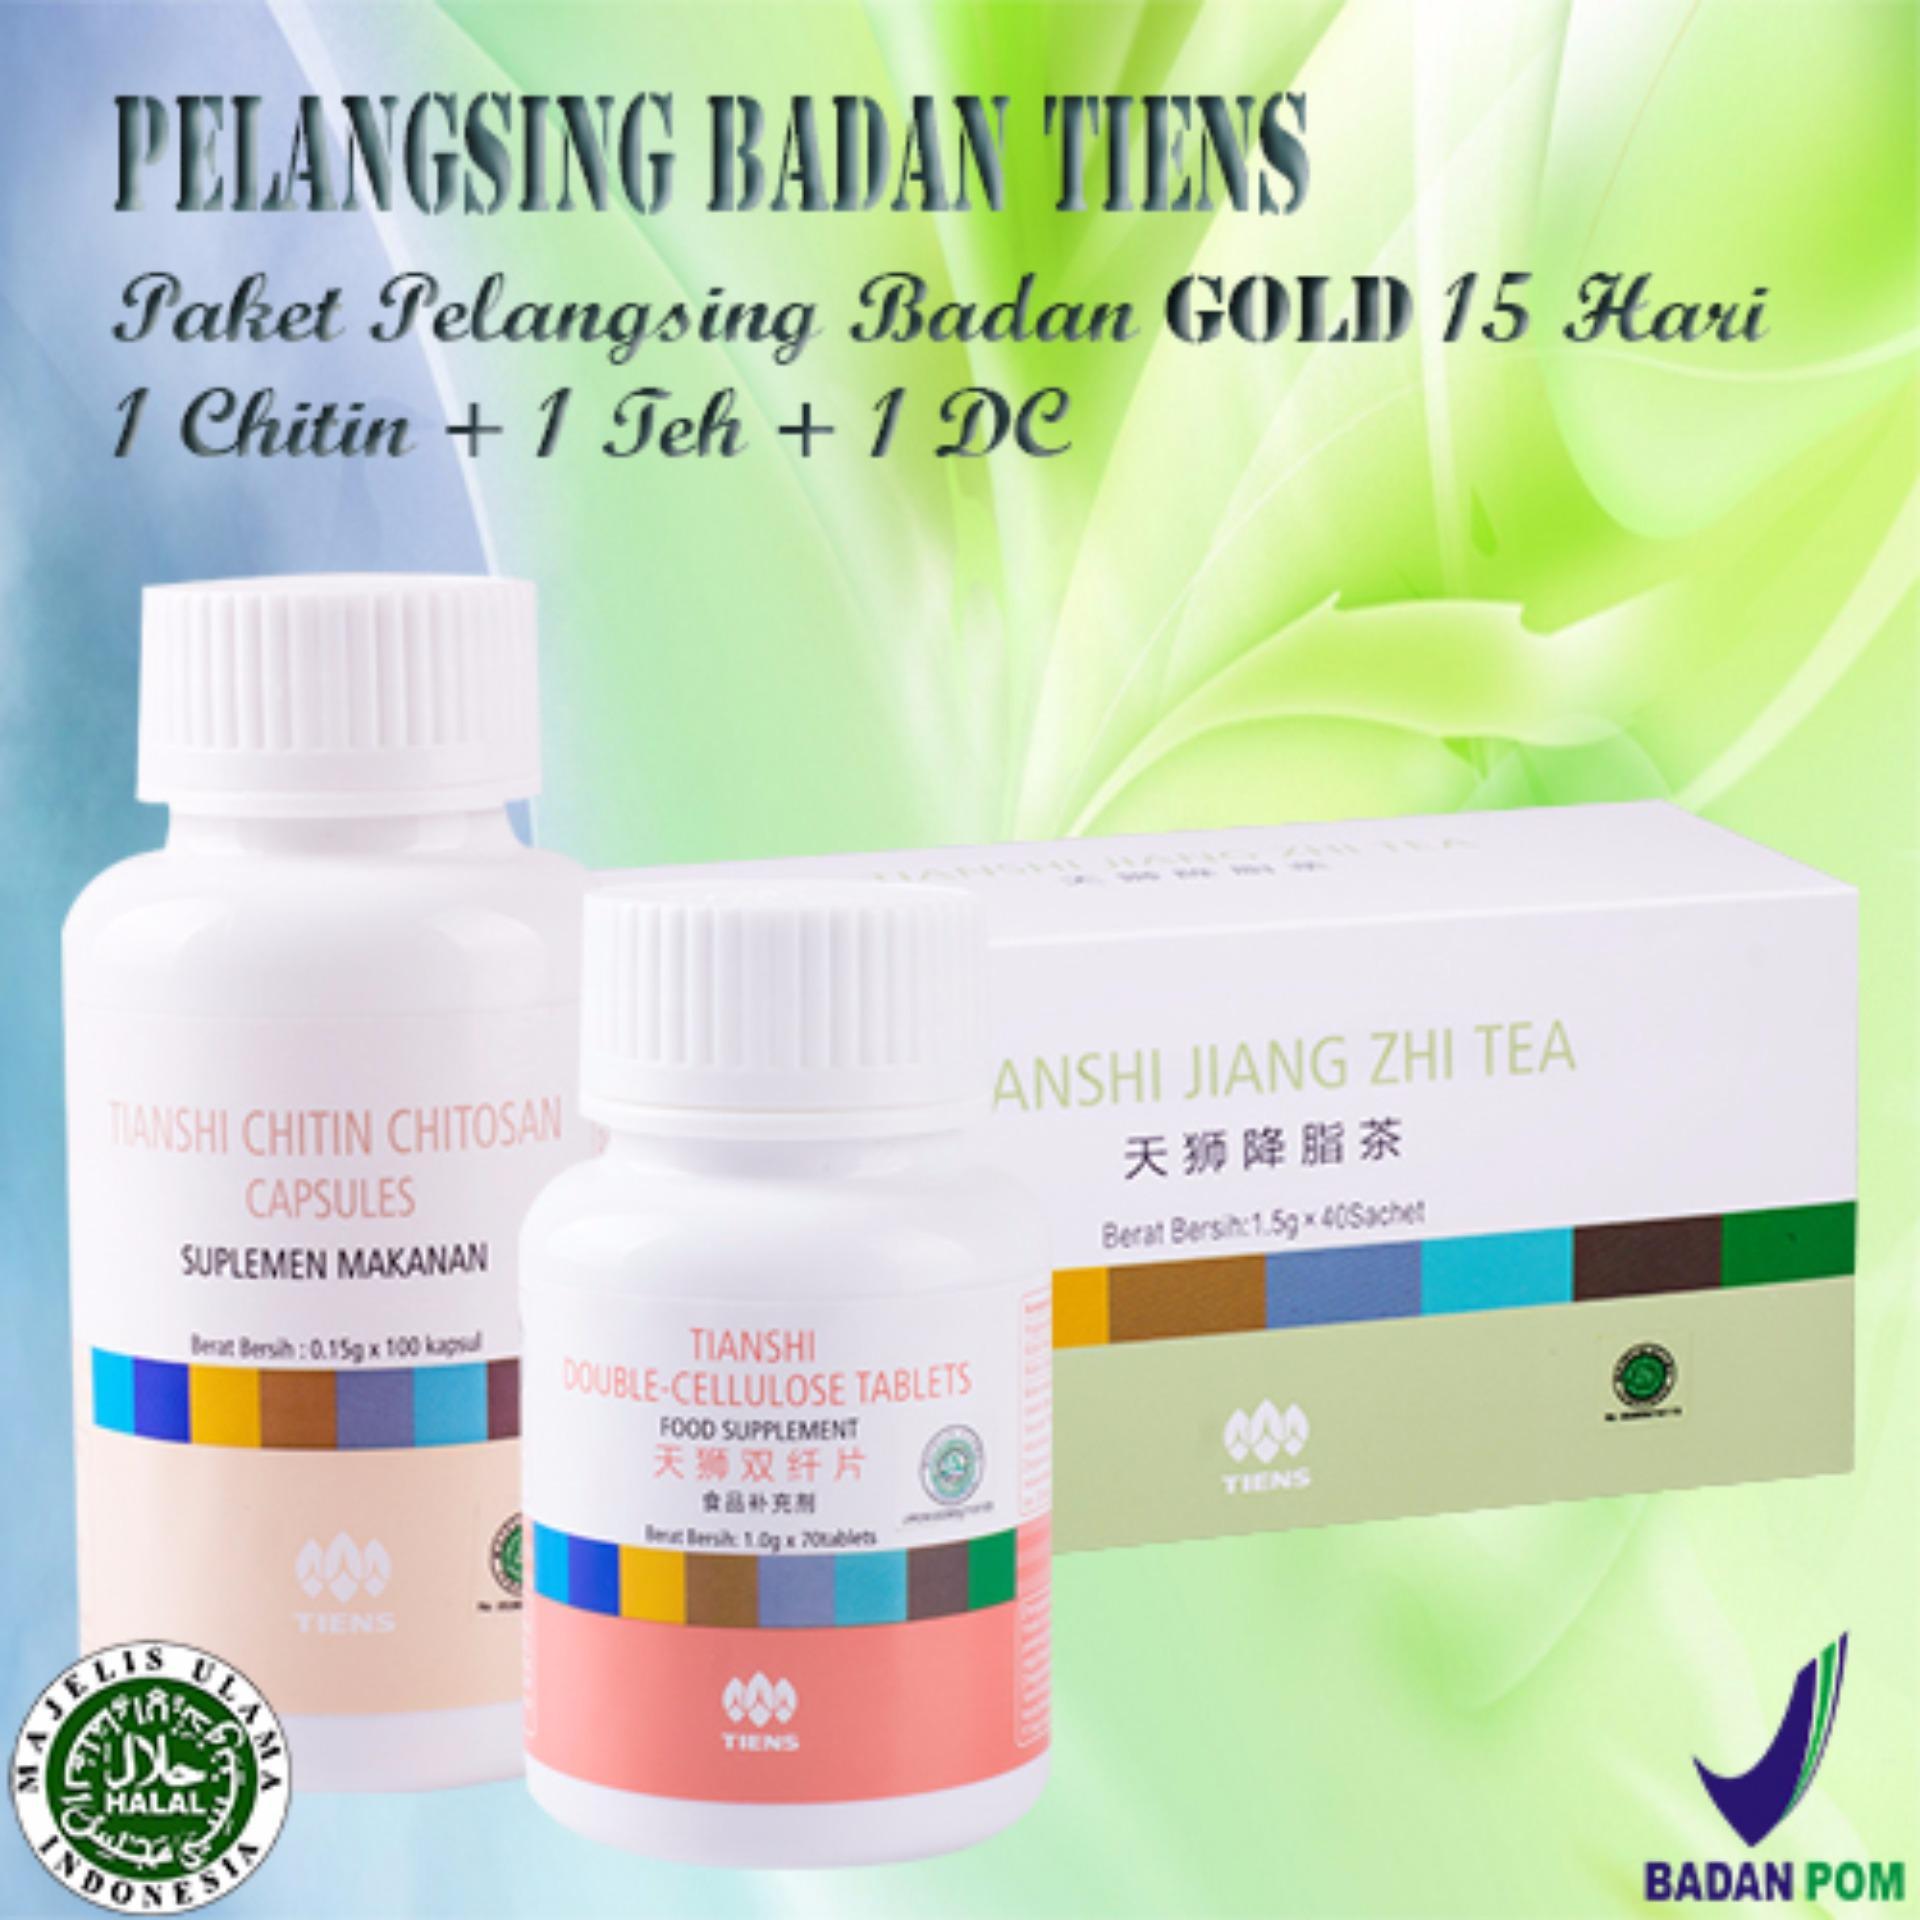 Beli Tiens Jiang Zhi Tea Double Cellulose Dan Chitin Chitosan Baru